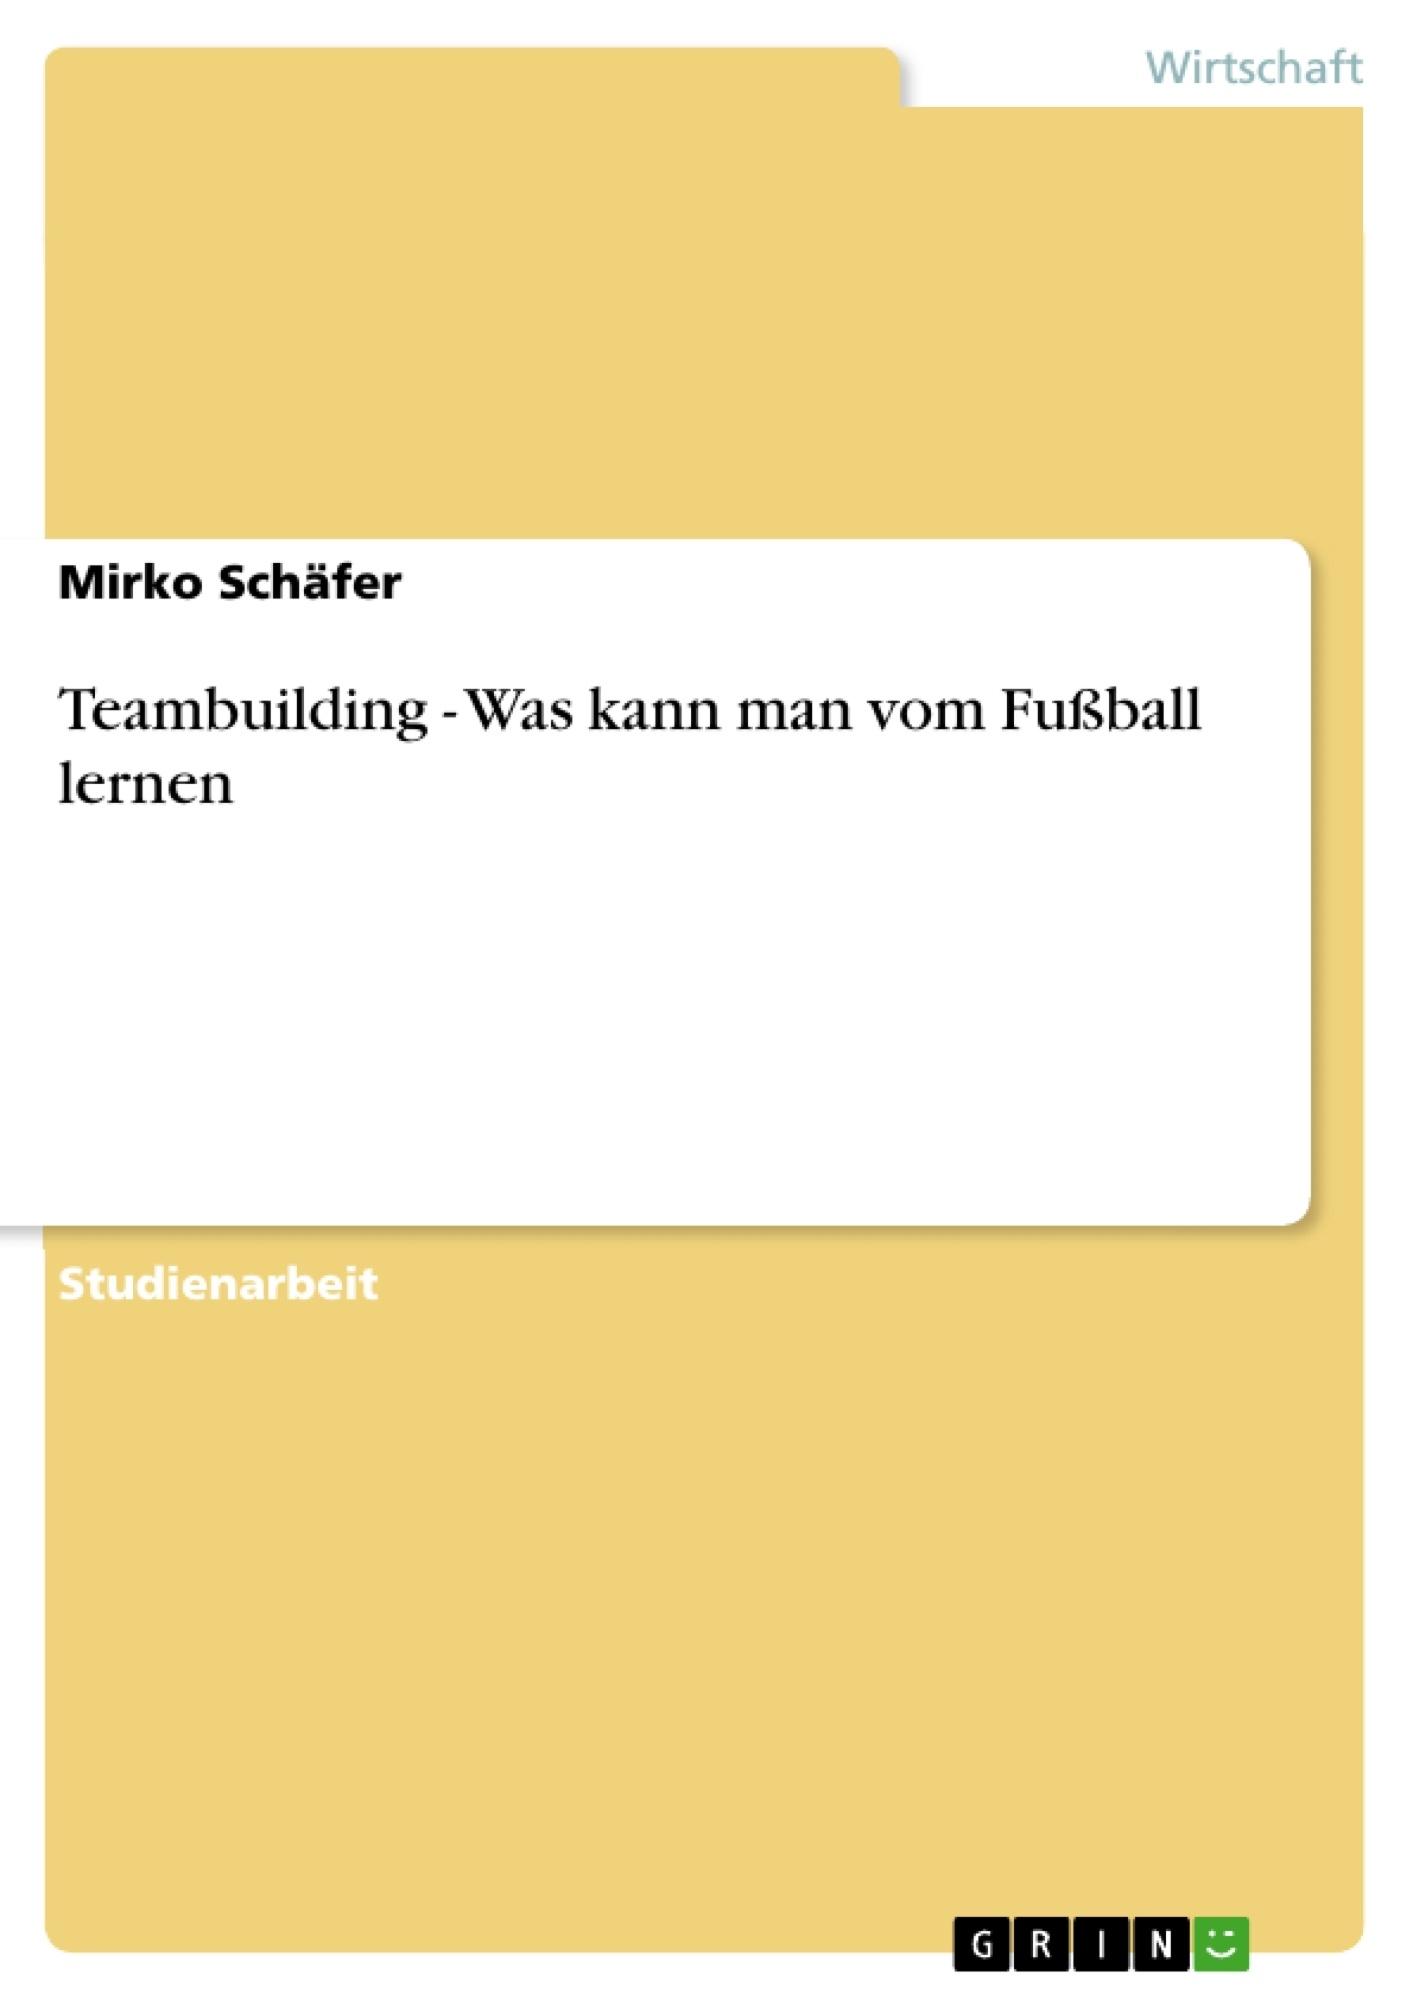 Titel: Teambuilding - Was kann man vom Fußball lernen